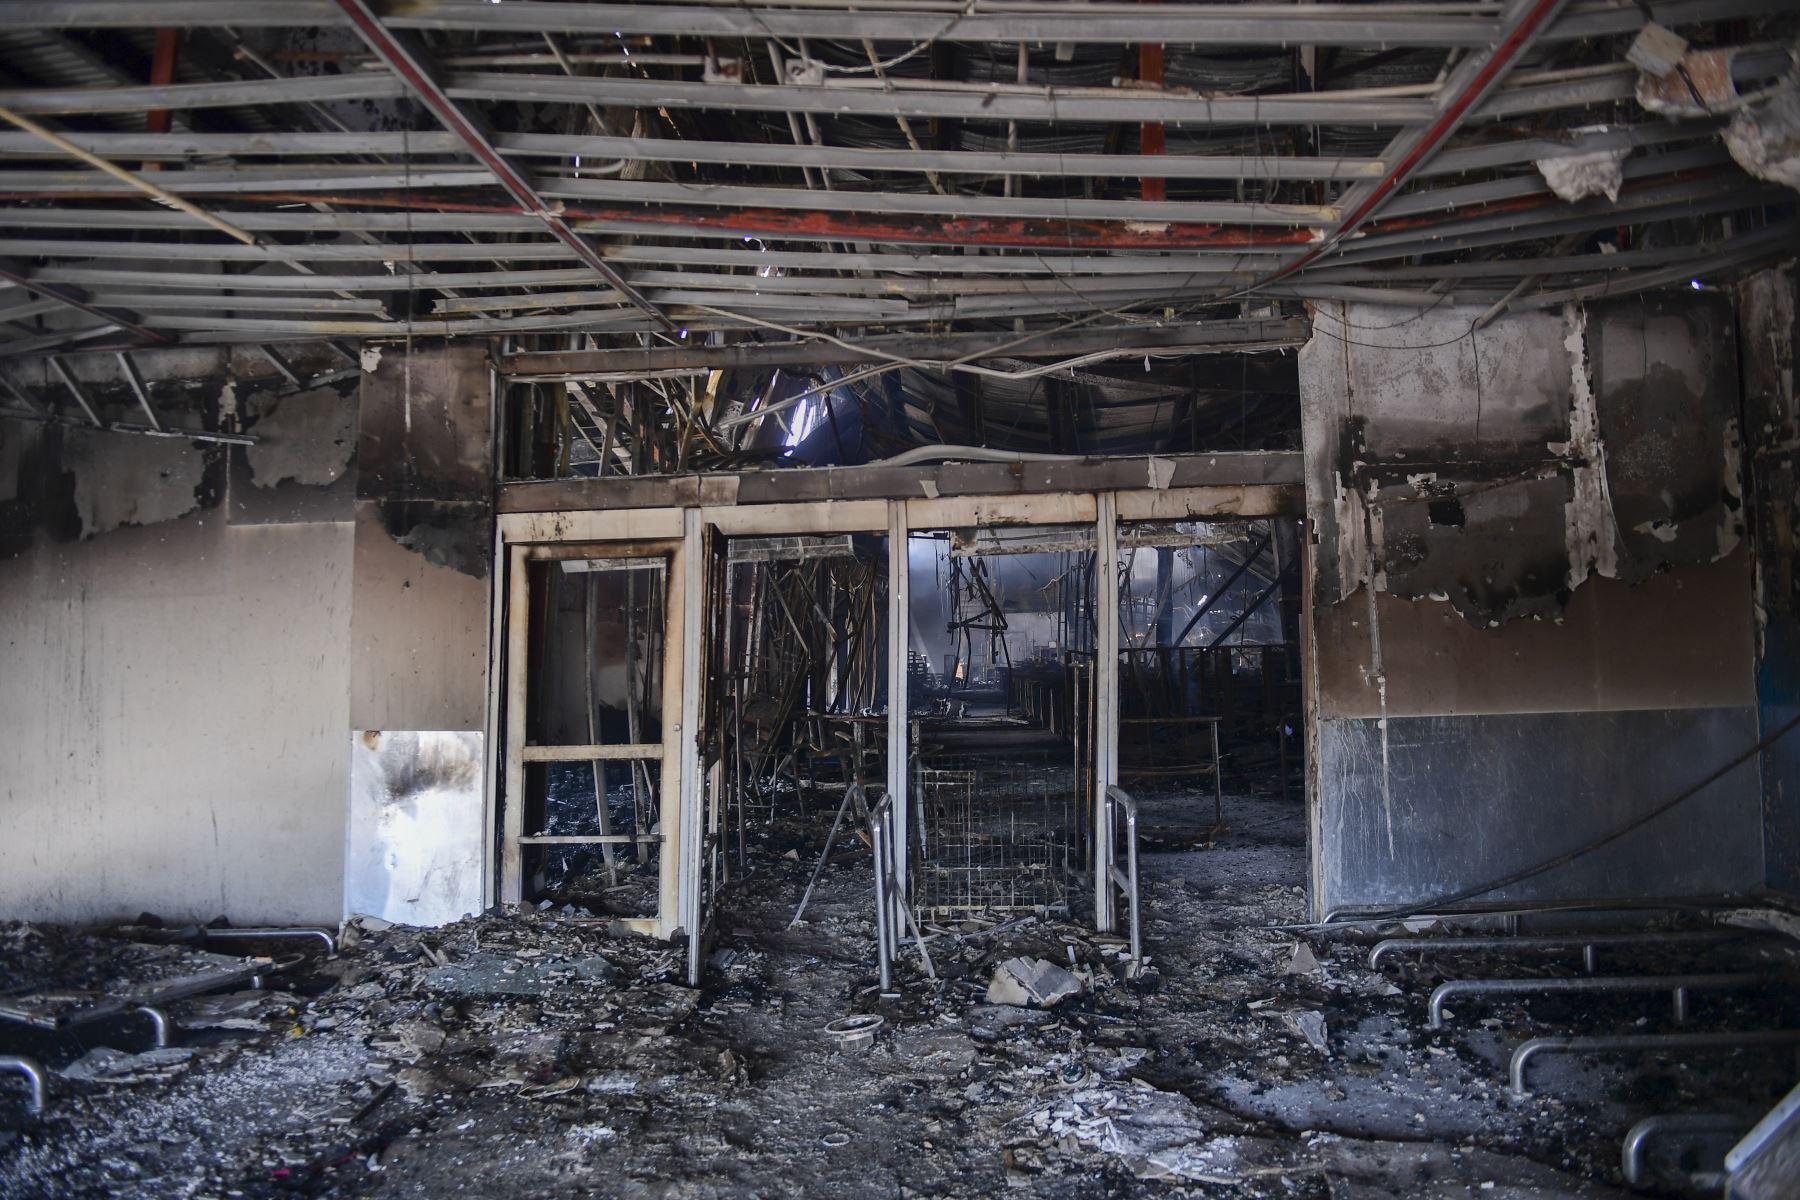 Vista de un supermercado que se quemó y saqueó durante las protestas masivas provocadas por el intento del gobierno de aumentar la tarifa del metro en Santiago, Chile. Foto: AFP